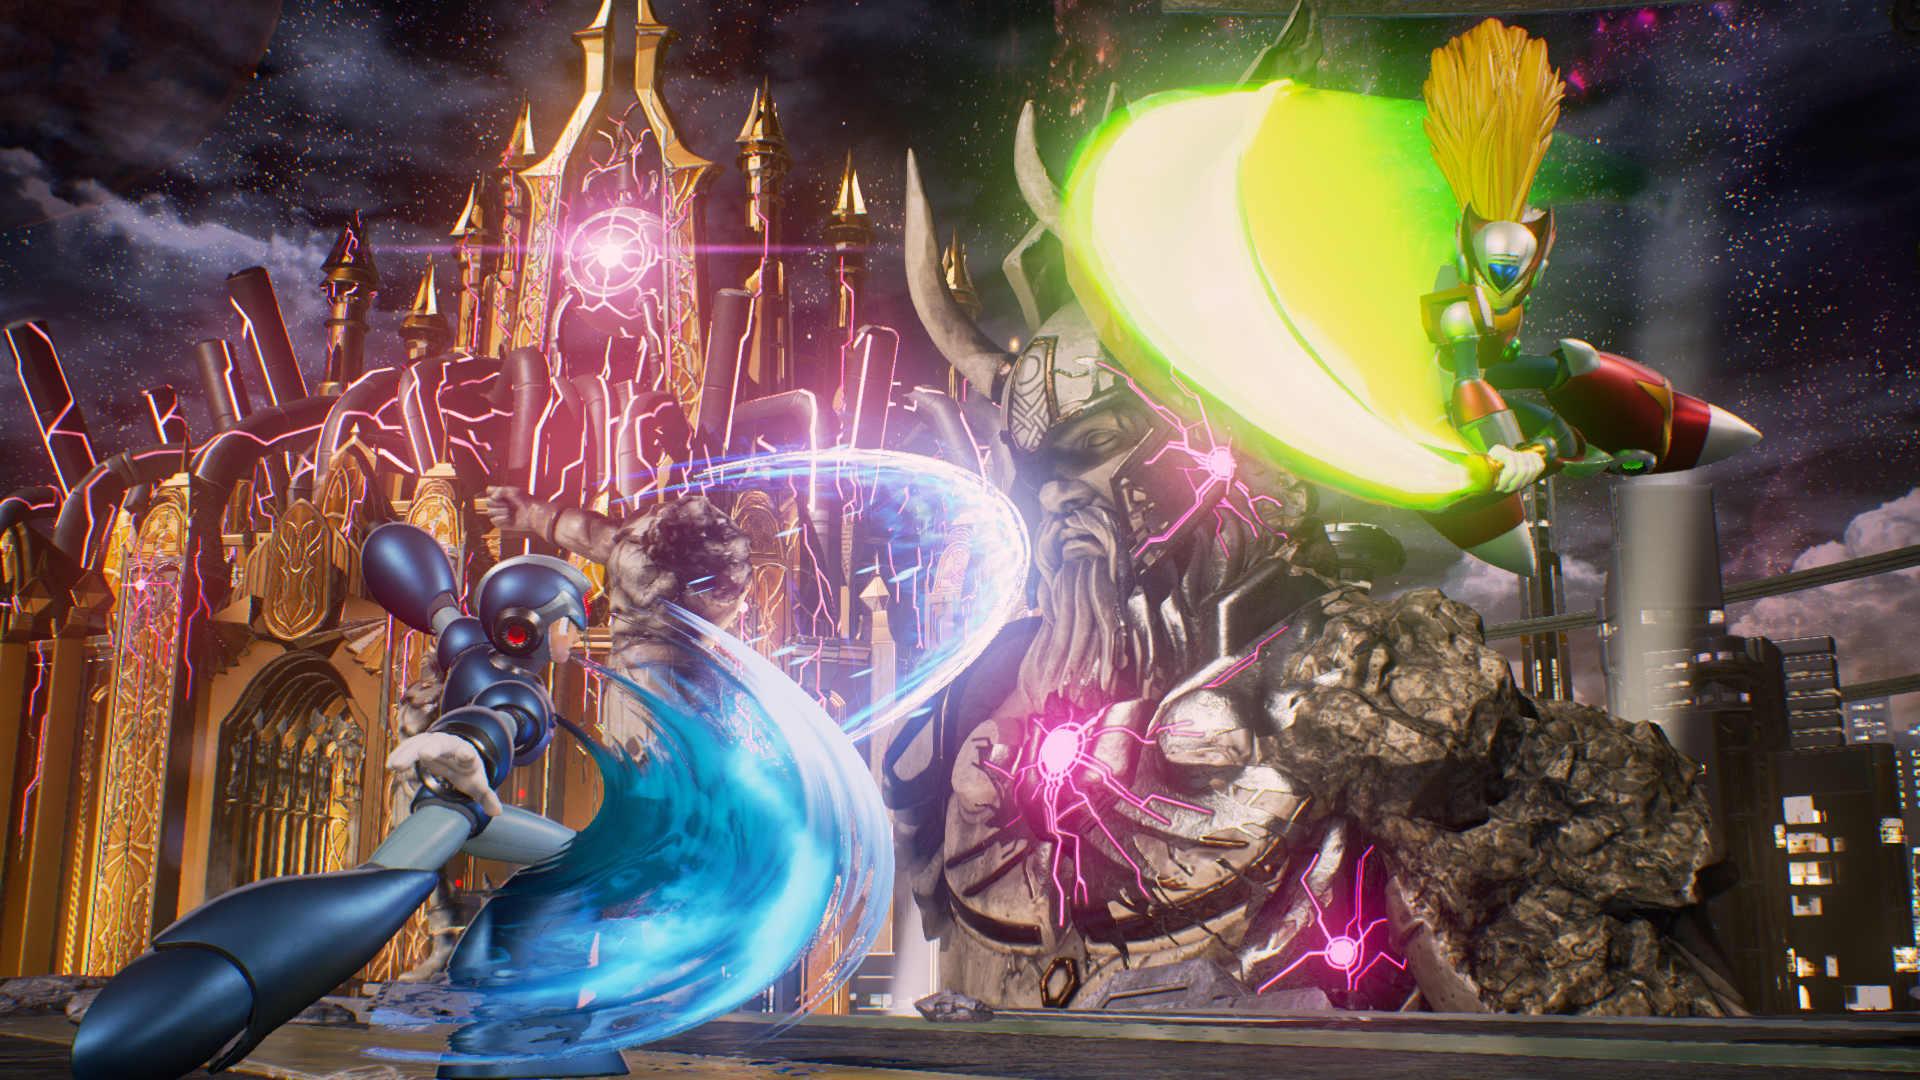 Marvel vs. Capcom: Infinite game image